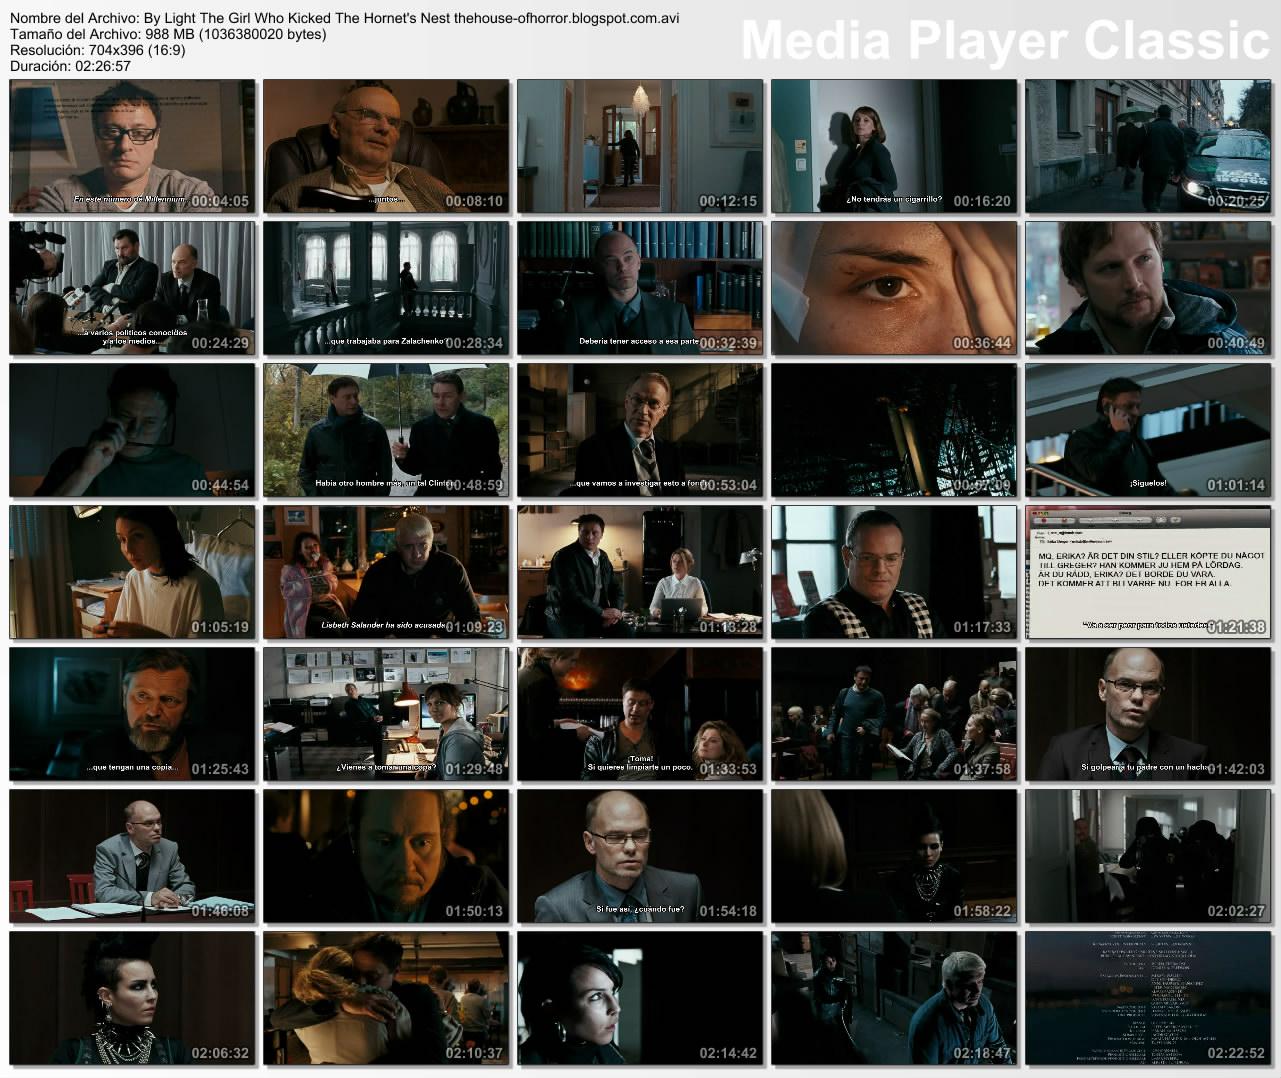 http://4.bp.blogspot.com/-hOyrrsLaXEE/TxM0xu6EYVI/AAAAAAAANSE/nGQ2E06sFPk/s1600/By%2BLight%2BThe%2BGirl%2BWho%2BKicked%2BThe%2BHornet%2527s%2BNest%2Bthehouse-ofhorror.blogspot.jpg